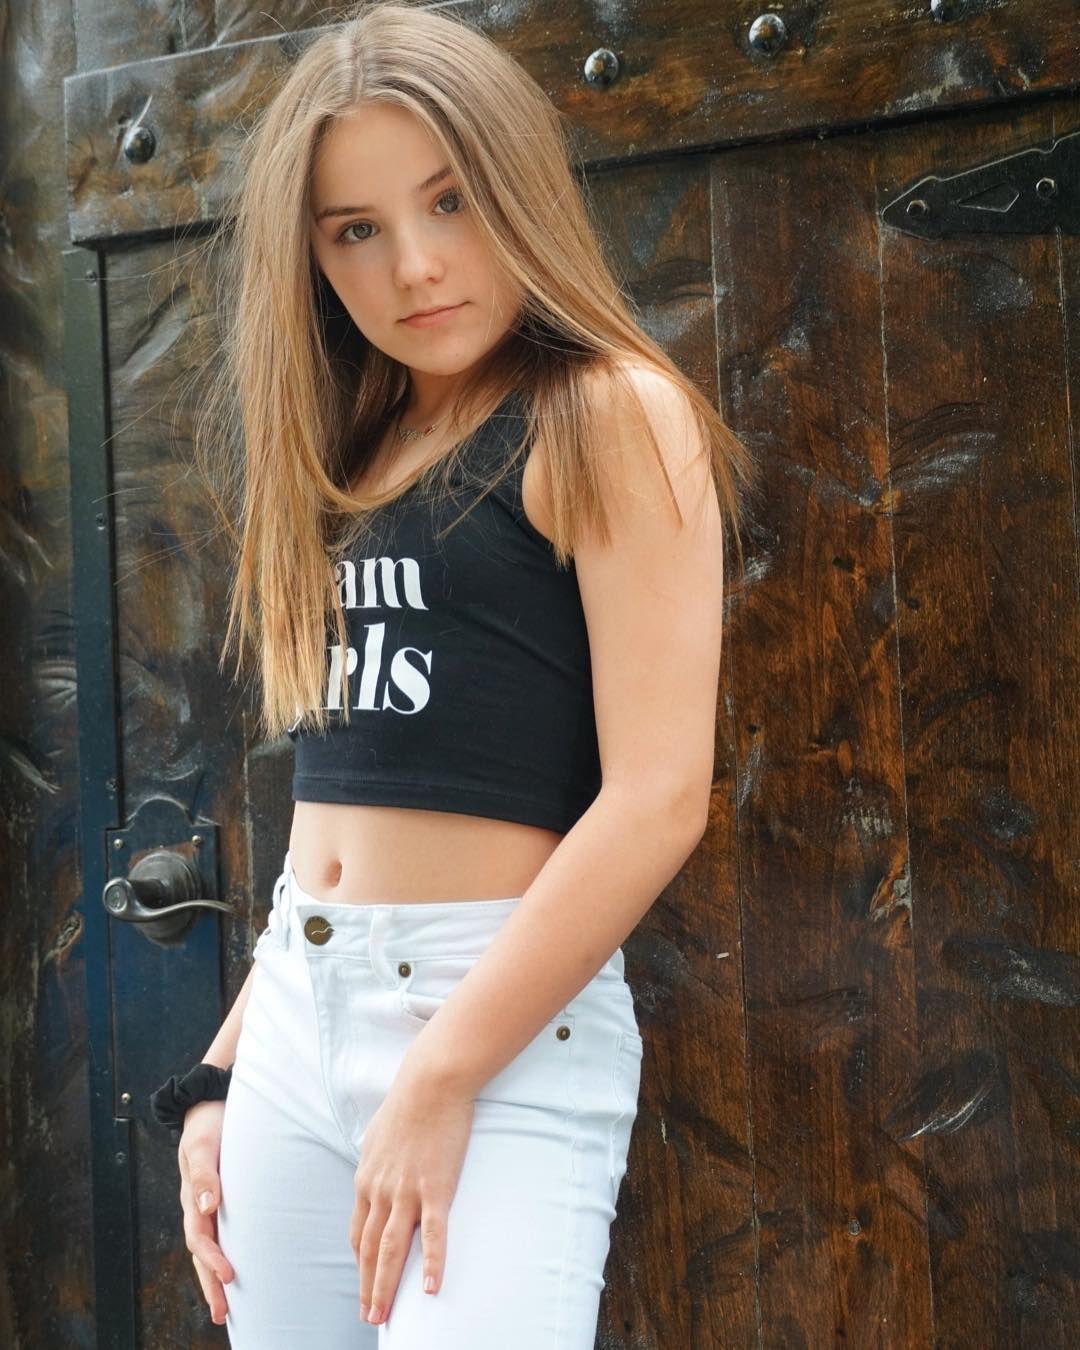 Sweet Bikini Teen